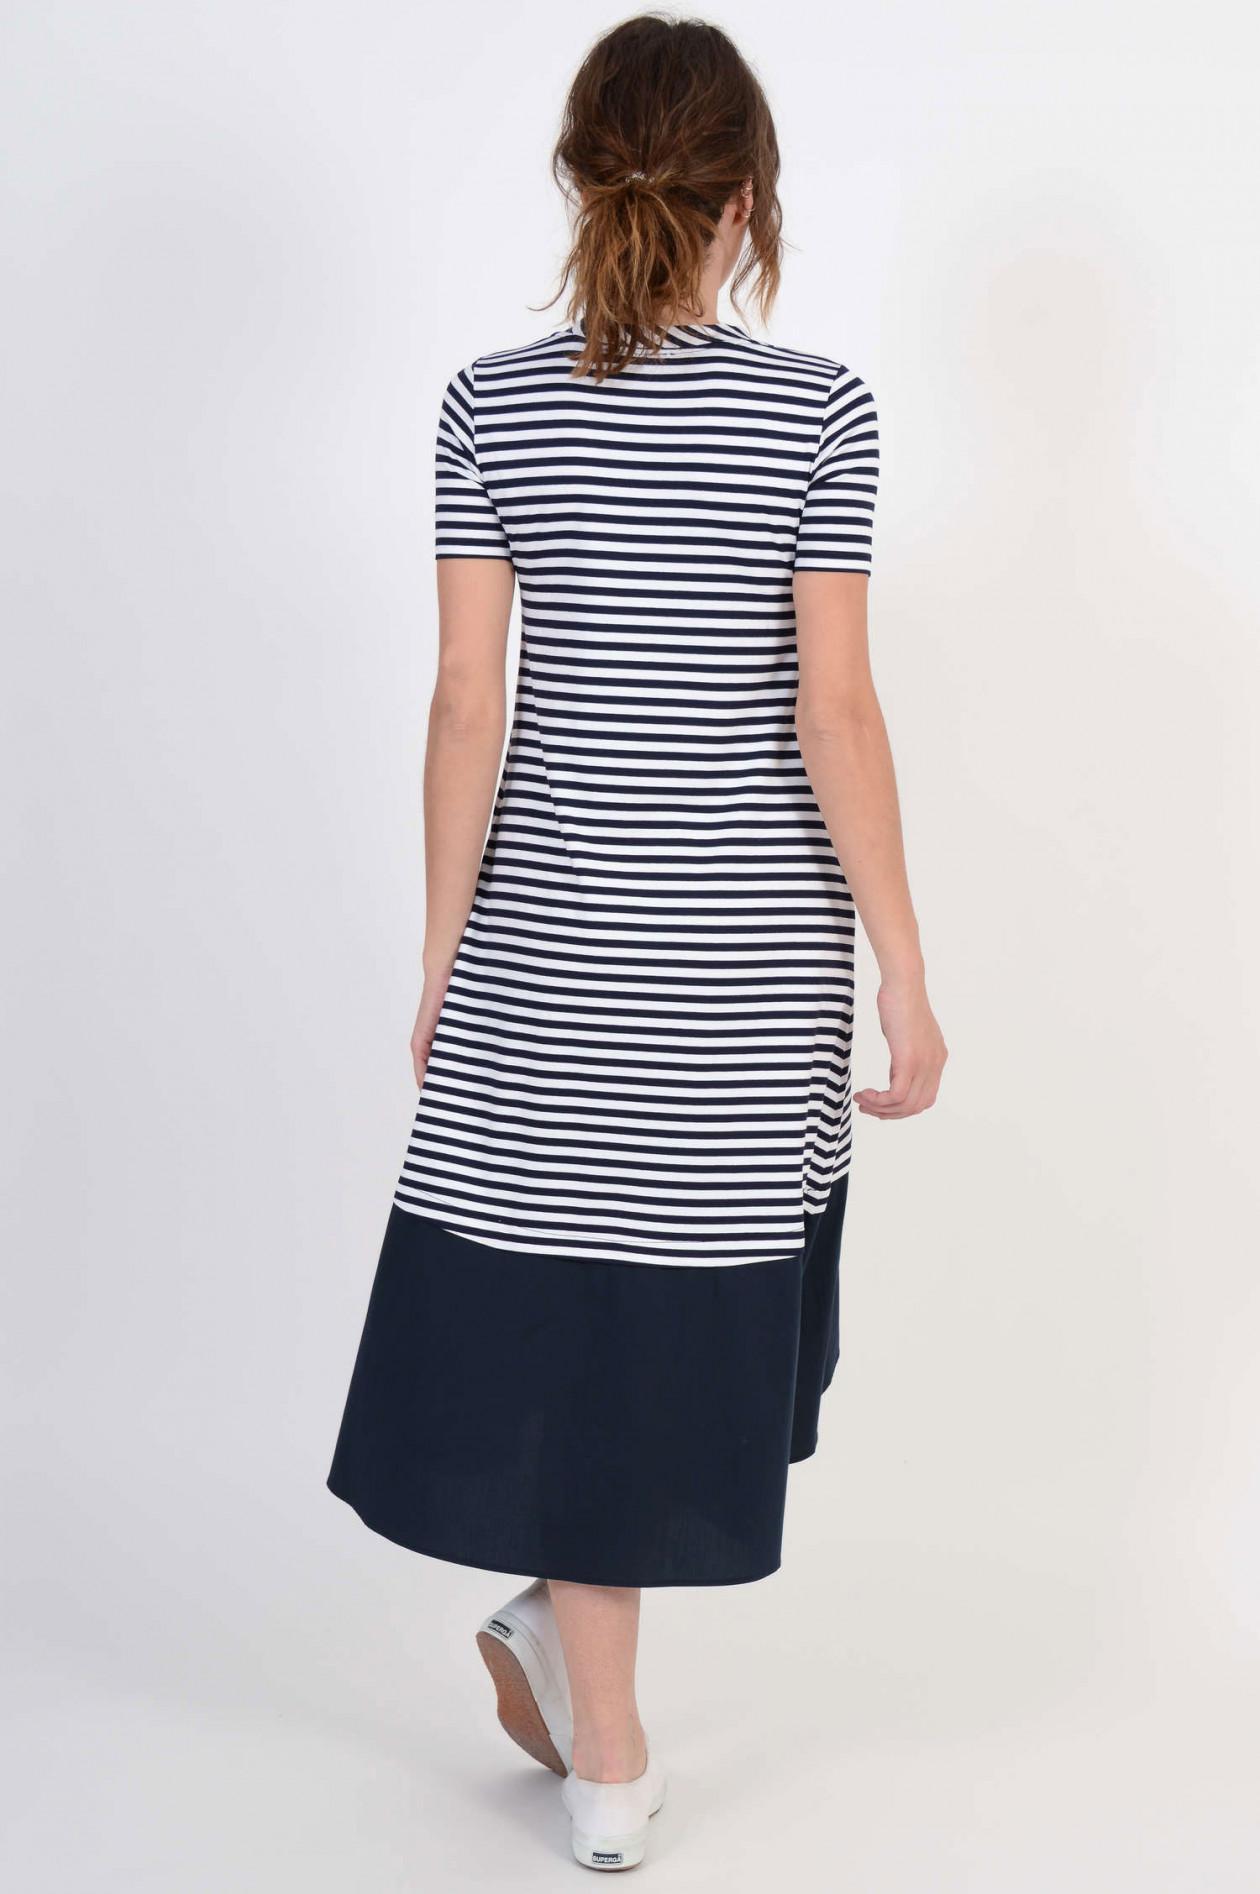 vokuhila - kleid mit streifen in navy/weiß